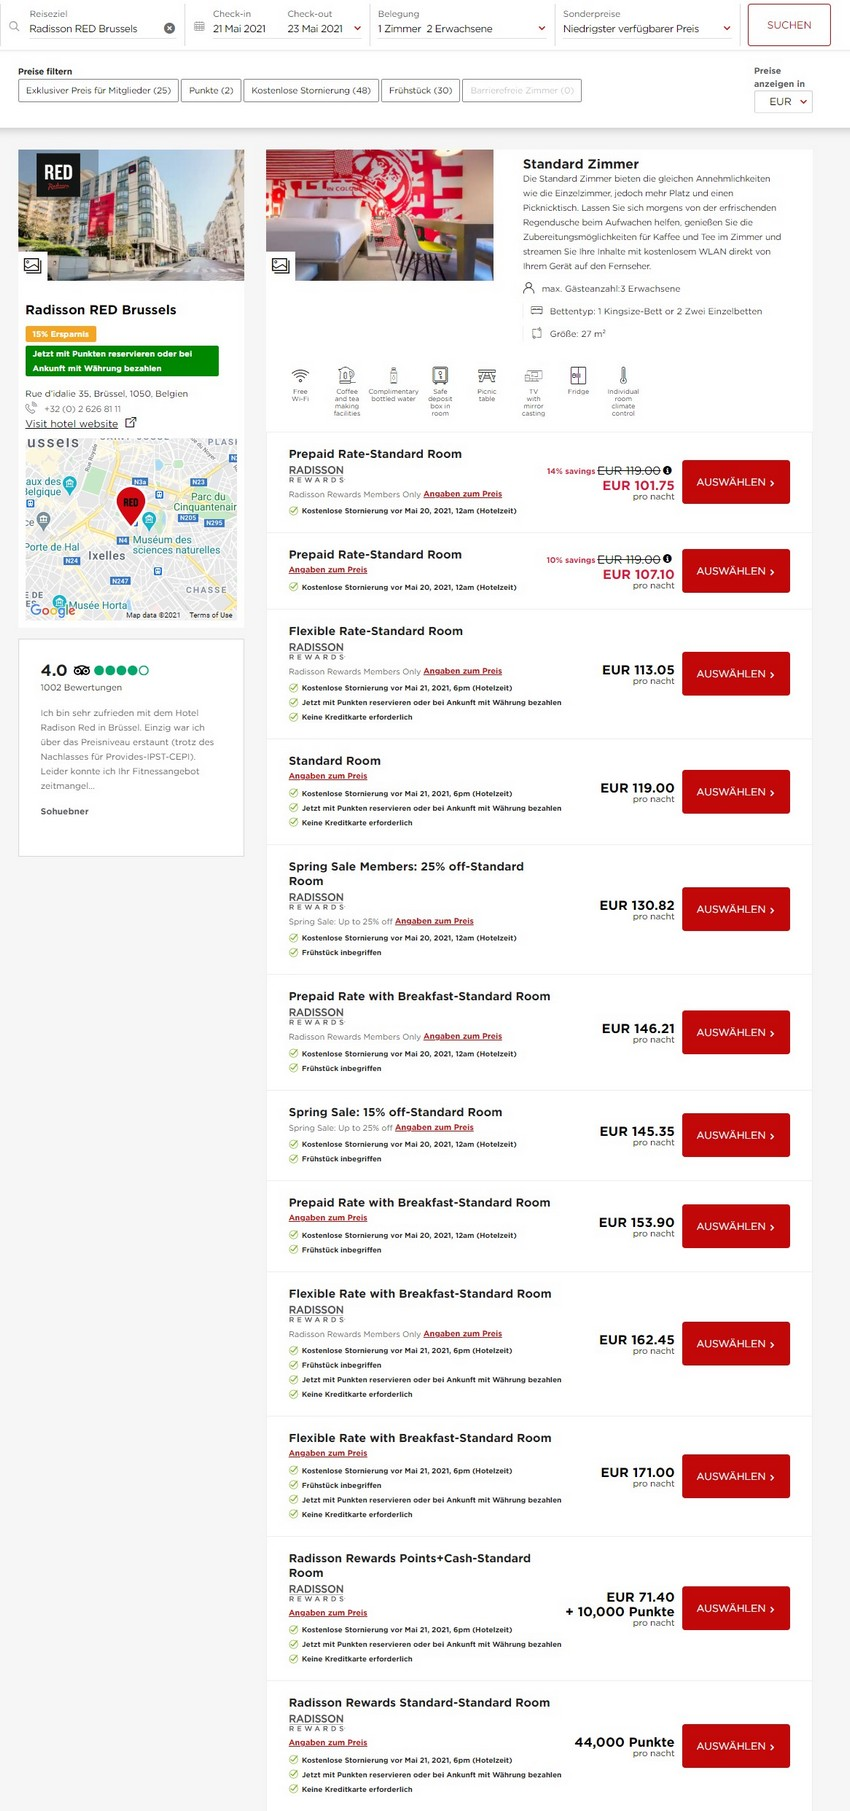 Preisbeispiel Radisson Red Brüssel - Vergleich aller Raten